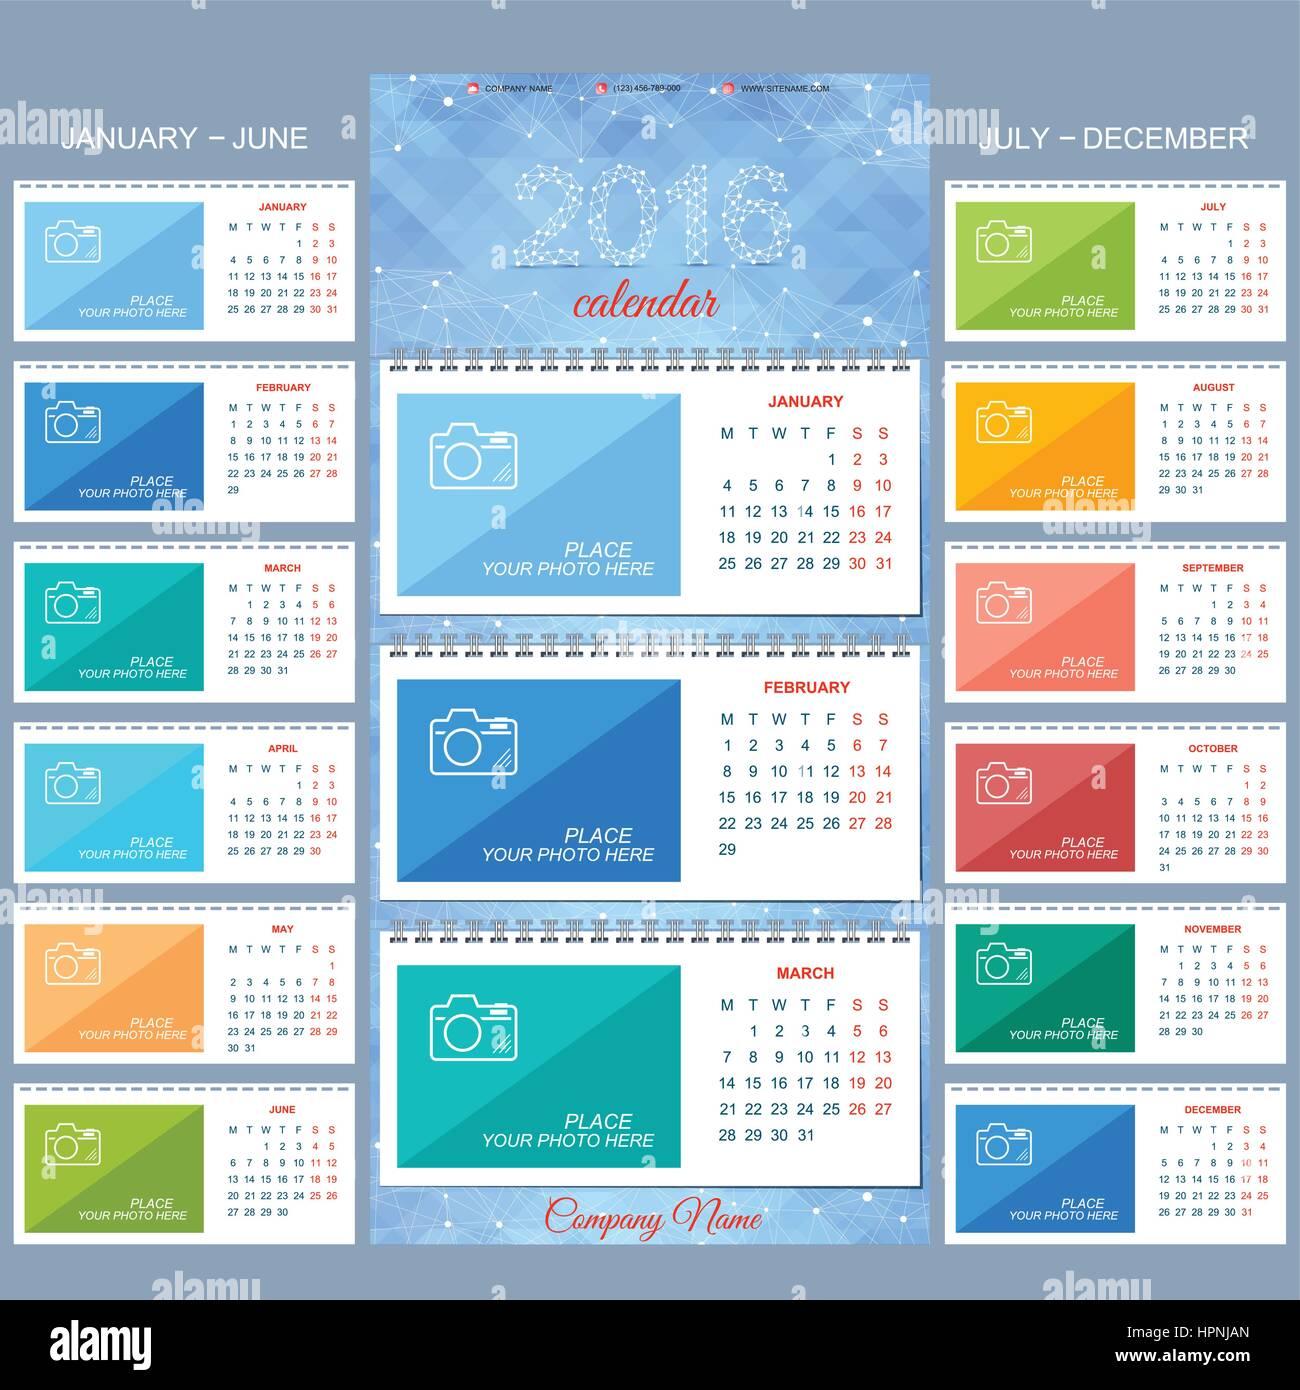 12 Months Calendar Stock Photos Amp 12 Months Calendar Stock